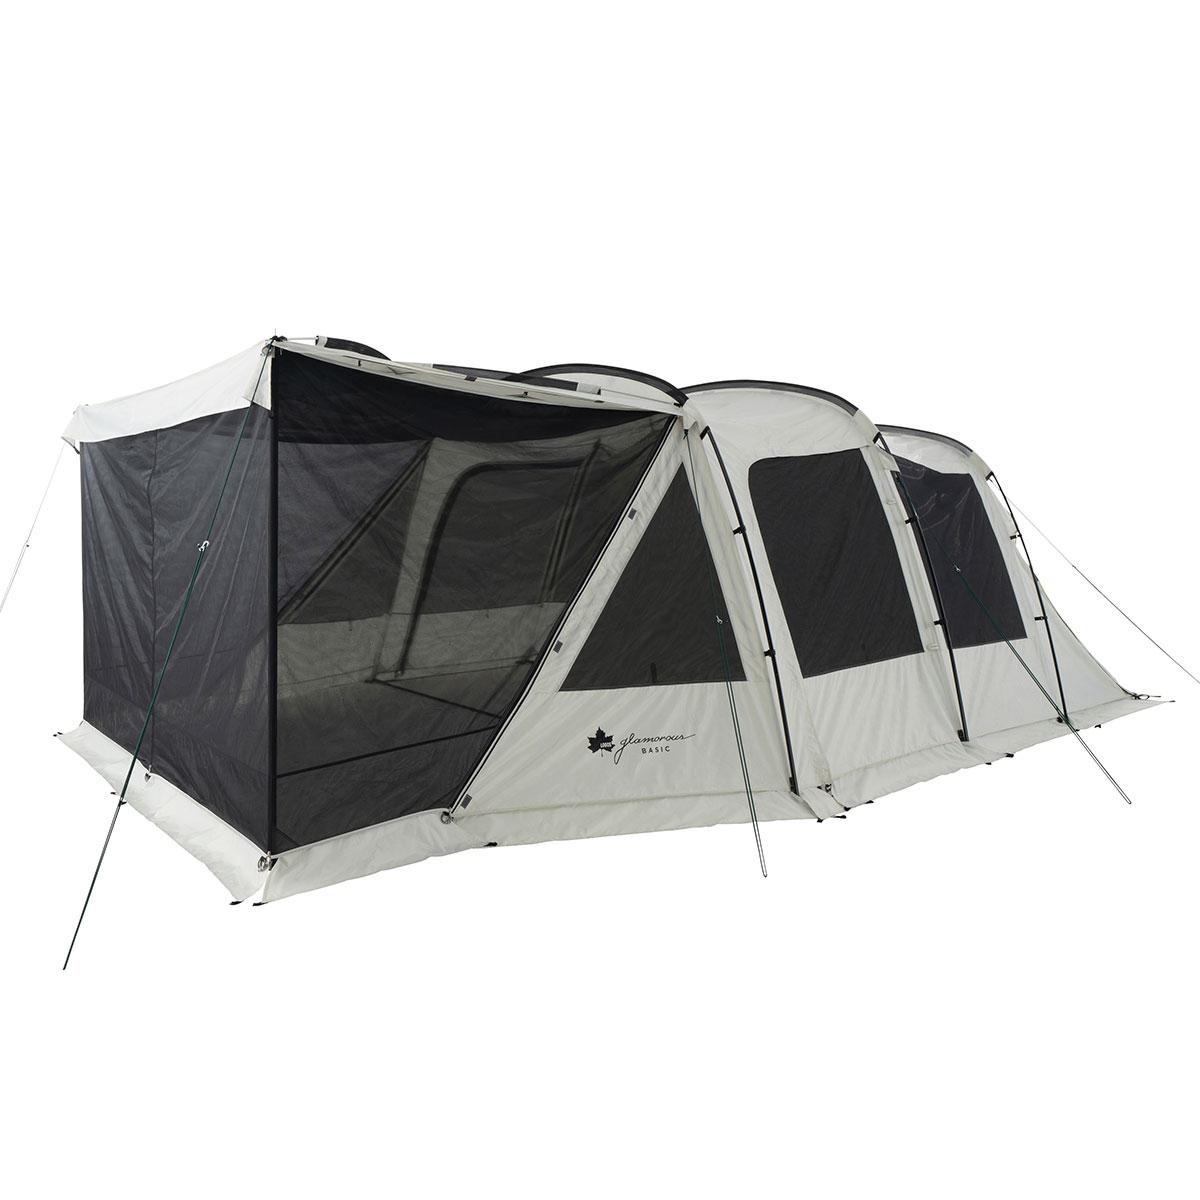 ロゴス(LOGOS) キャンプ用テント(3~5人用) グランベーシック 3ルームトンネルドーム WXL-BJ 71805545 テント タープ キャンプ用テント キャンプ アウトドア